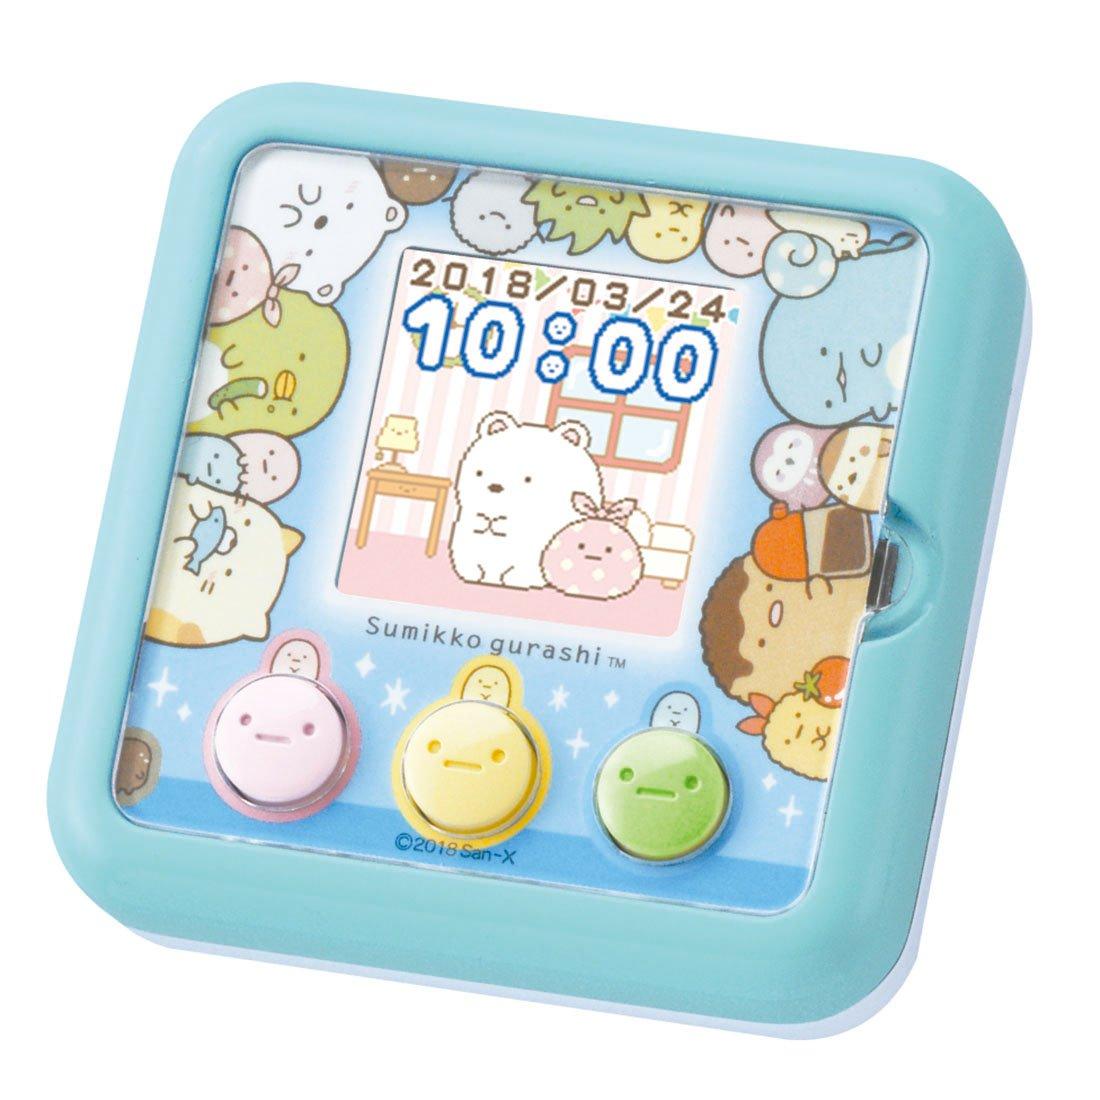 Sumikko gurashi sumikko Atsume Toy Game Japan